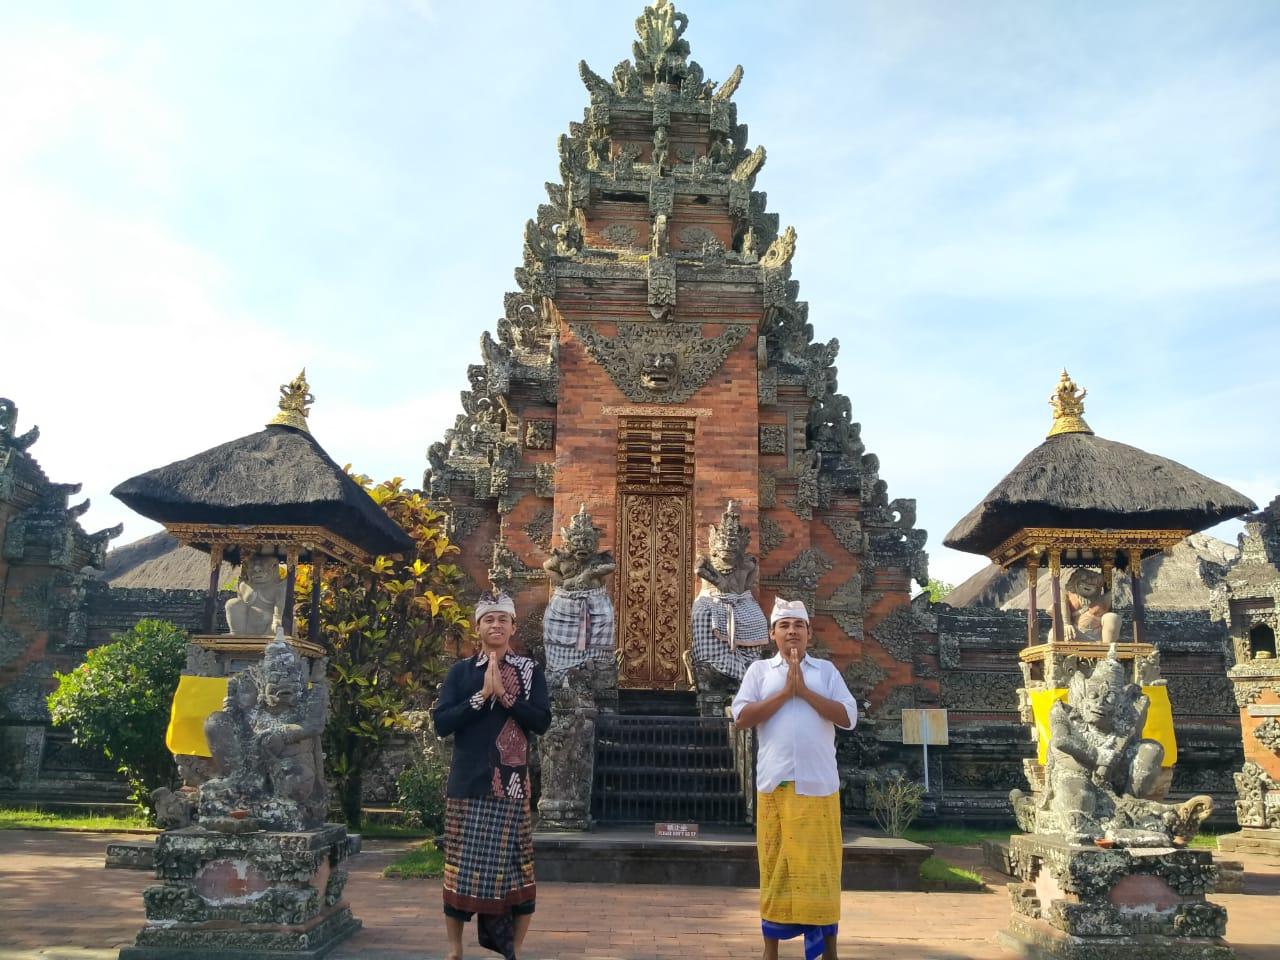 Die Beste Reisezeit für Bali . Mit Reisetipps die in keinem Reiseführer zu finden sind. Für einen unvergesslichen Urlaub.